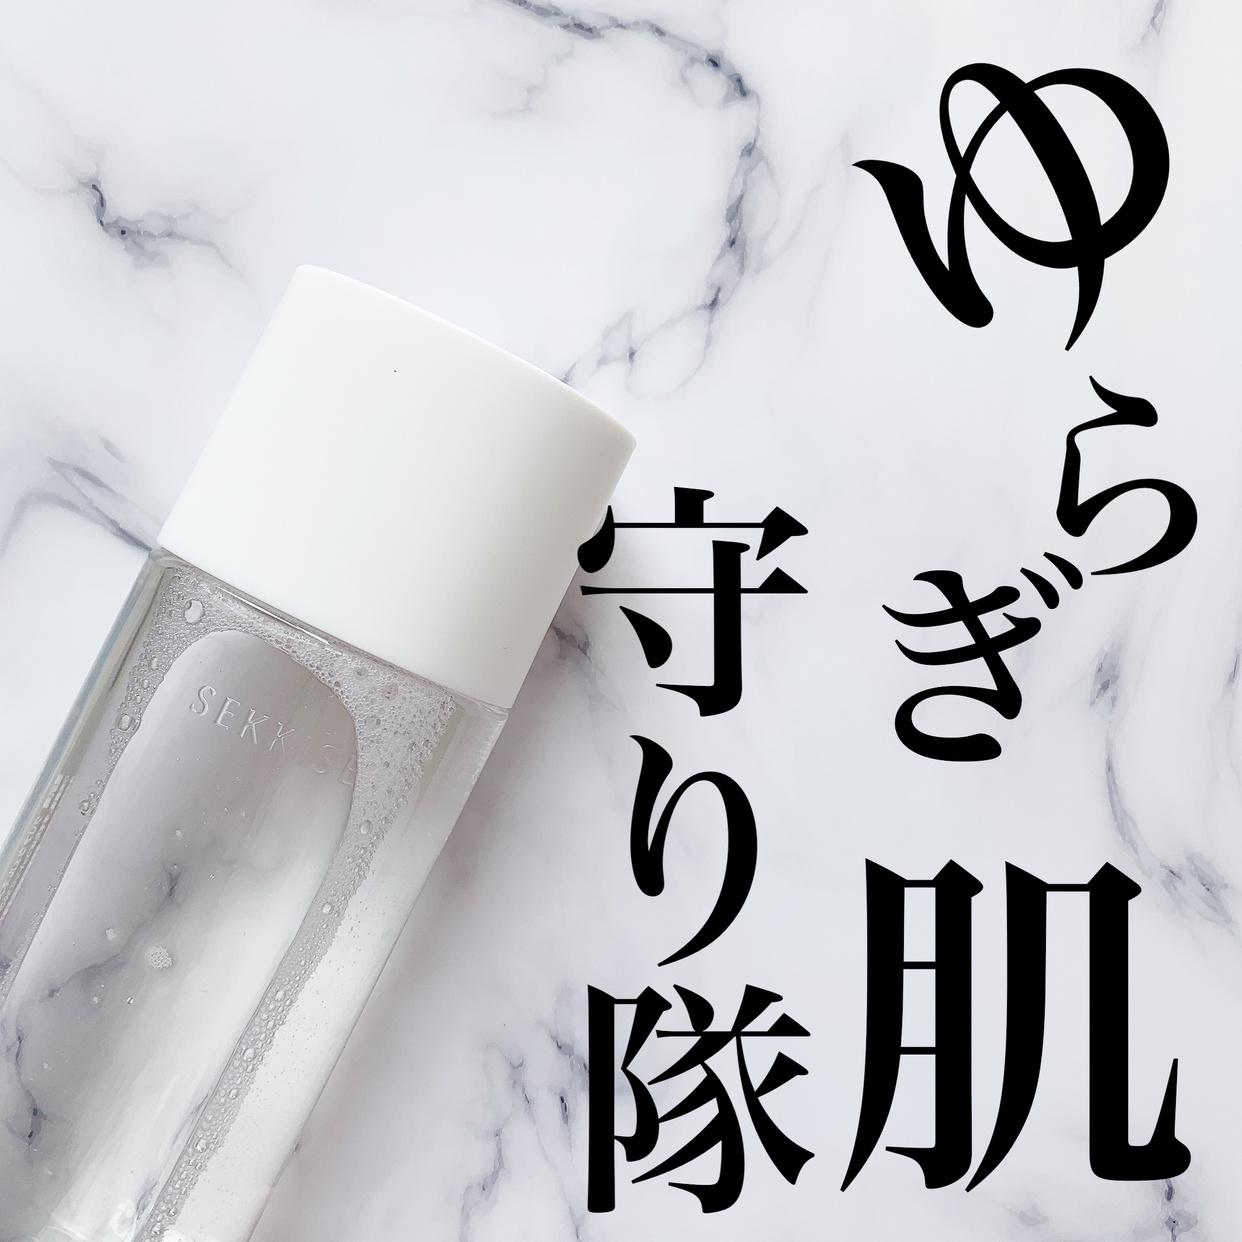 雪肌精 クリアウェルネス(SEKKISEI CLEAR WELLNESS) ピュア コンクを使ったまみやこさんのクチコミ画像1